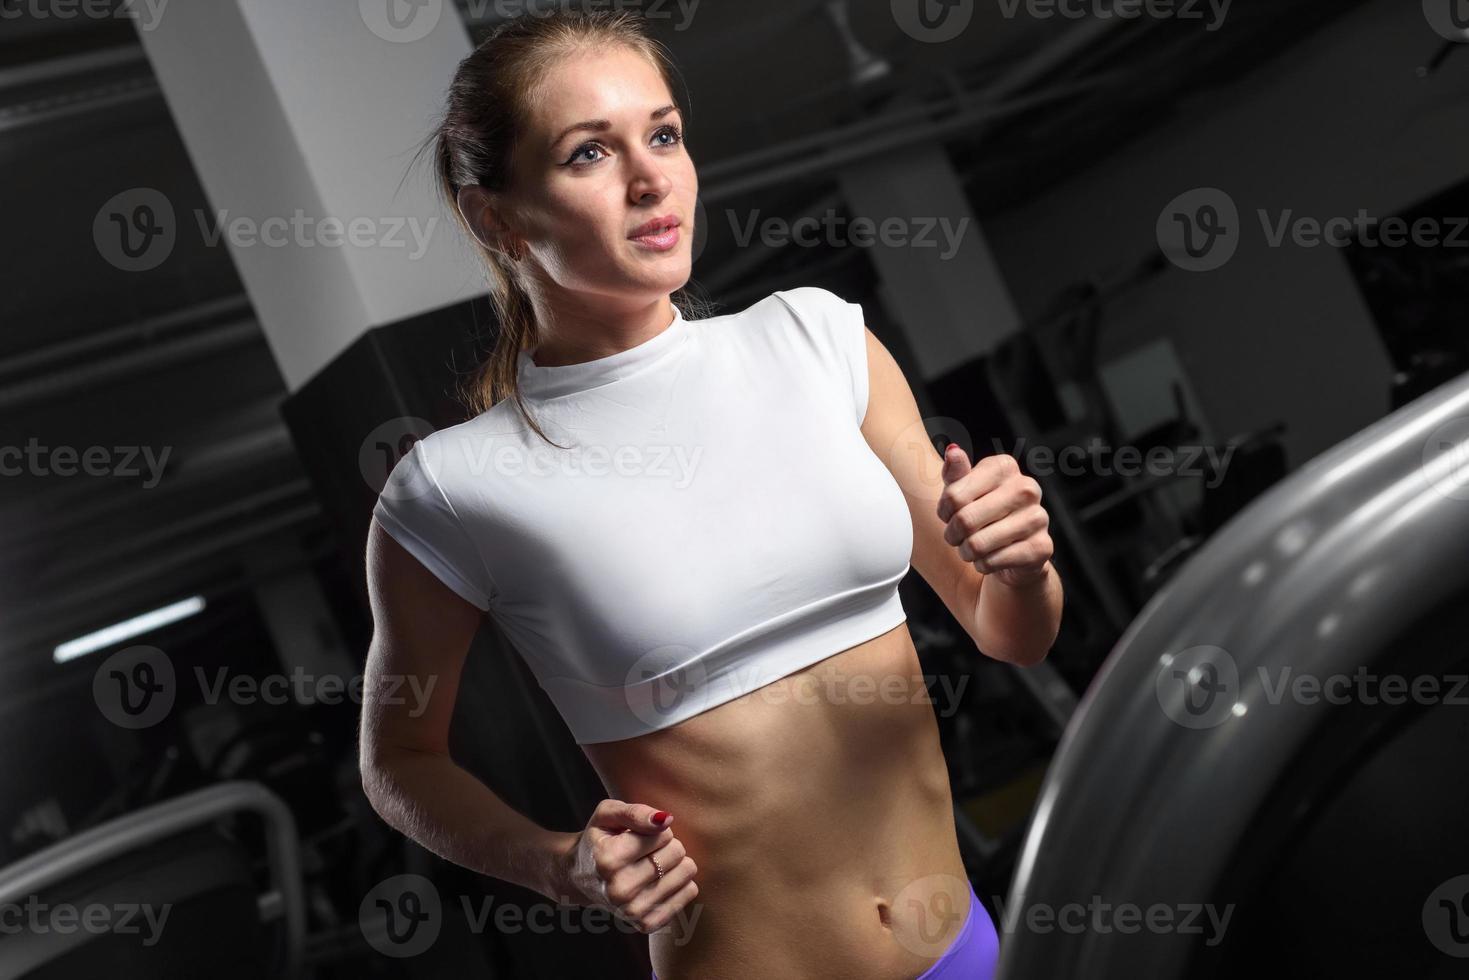 ung kvinna för idrottsman nen kör på ett löpband, i konditionsport foto